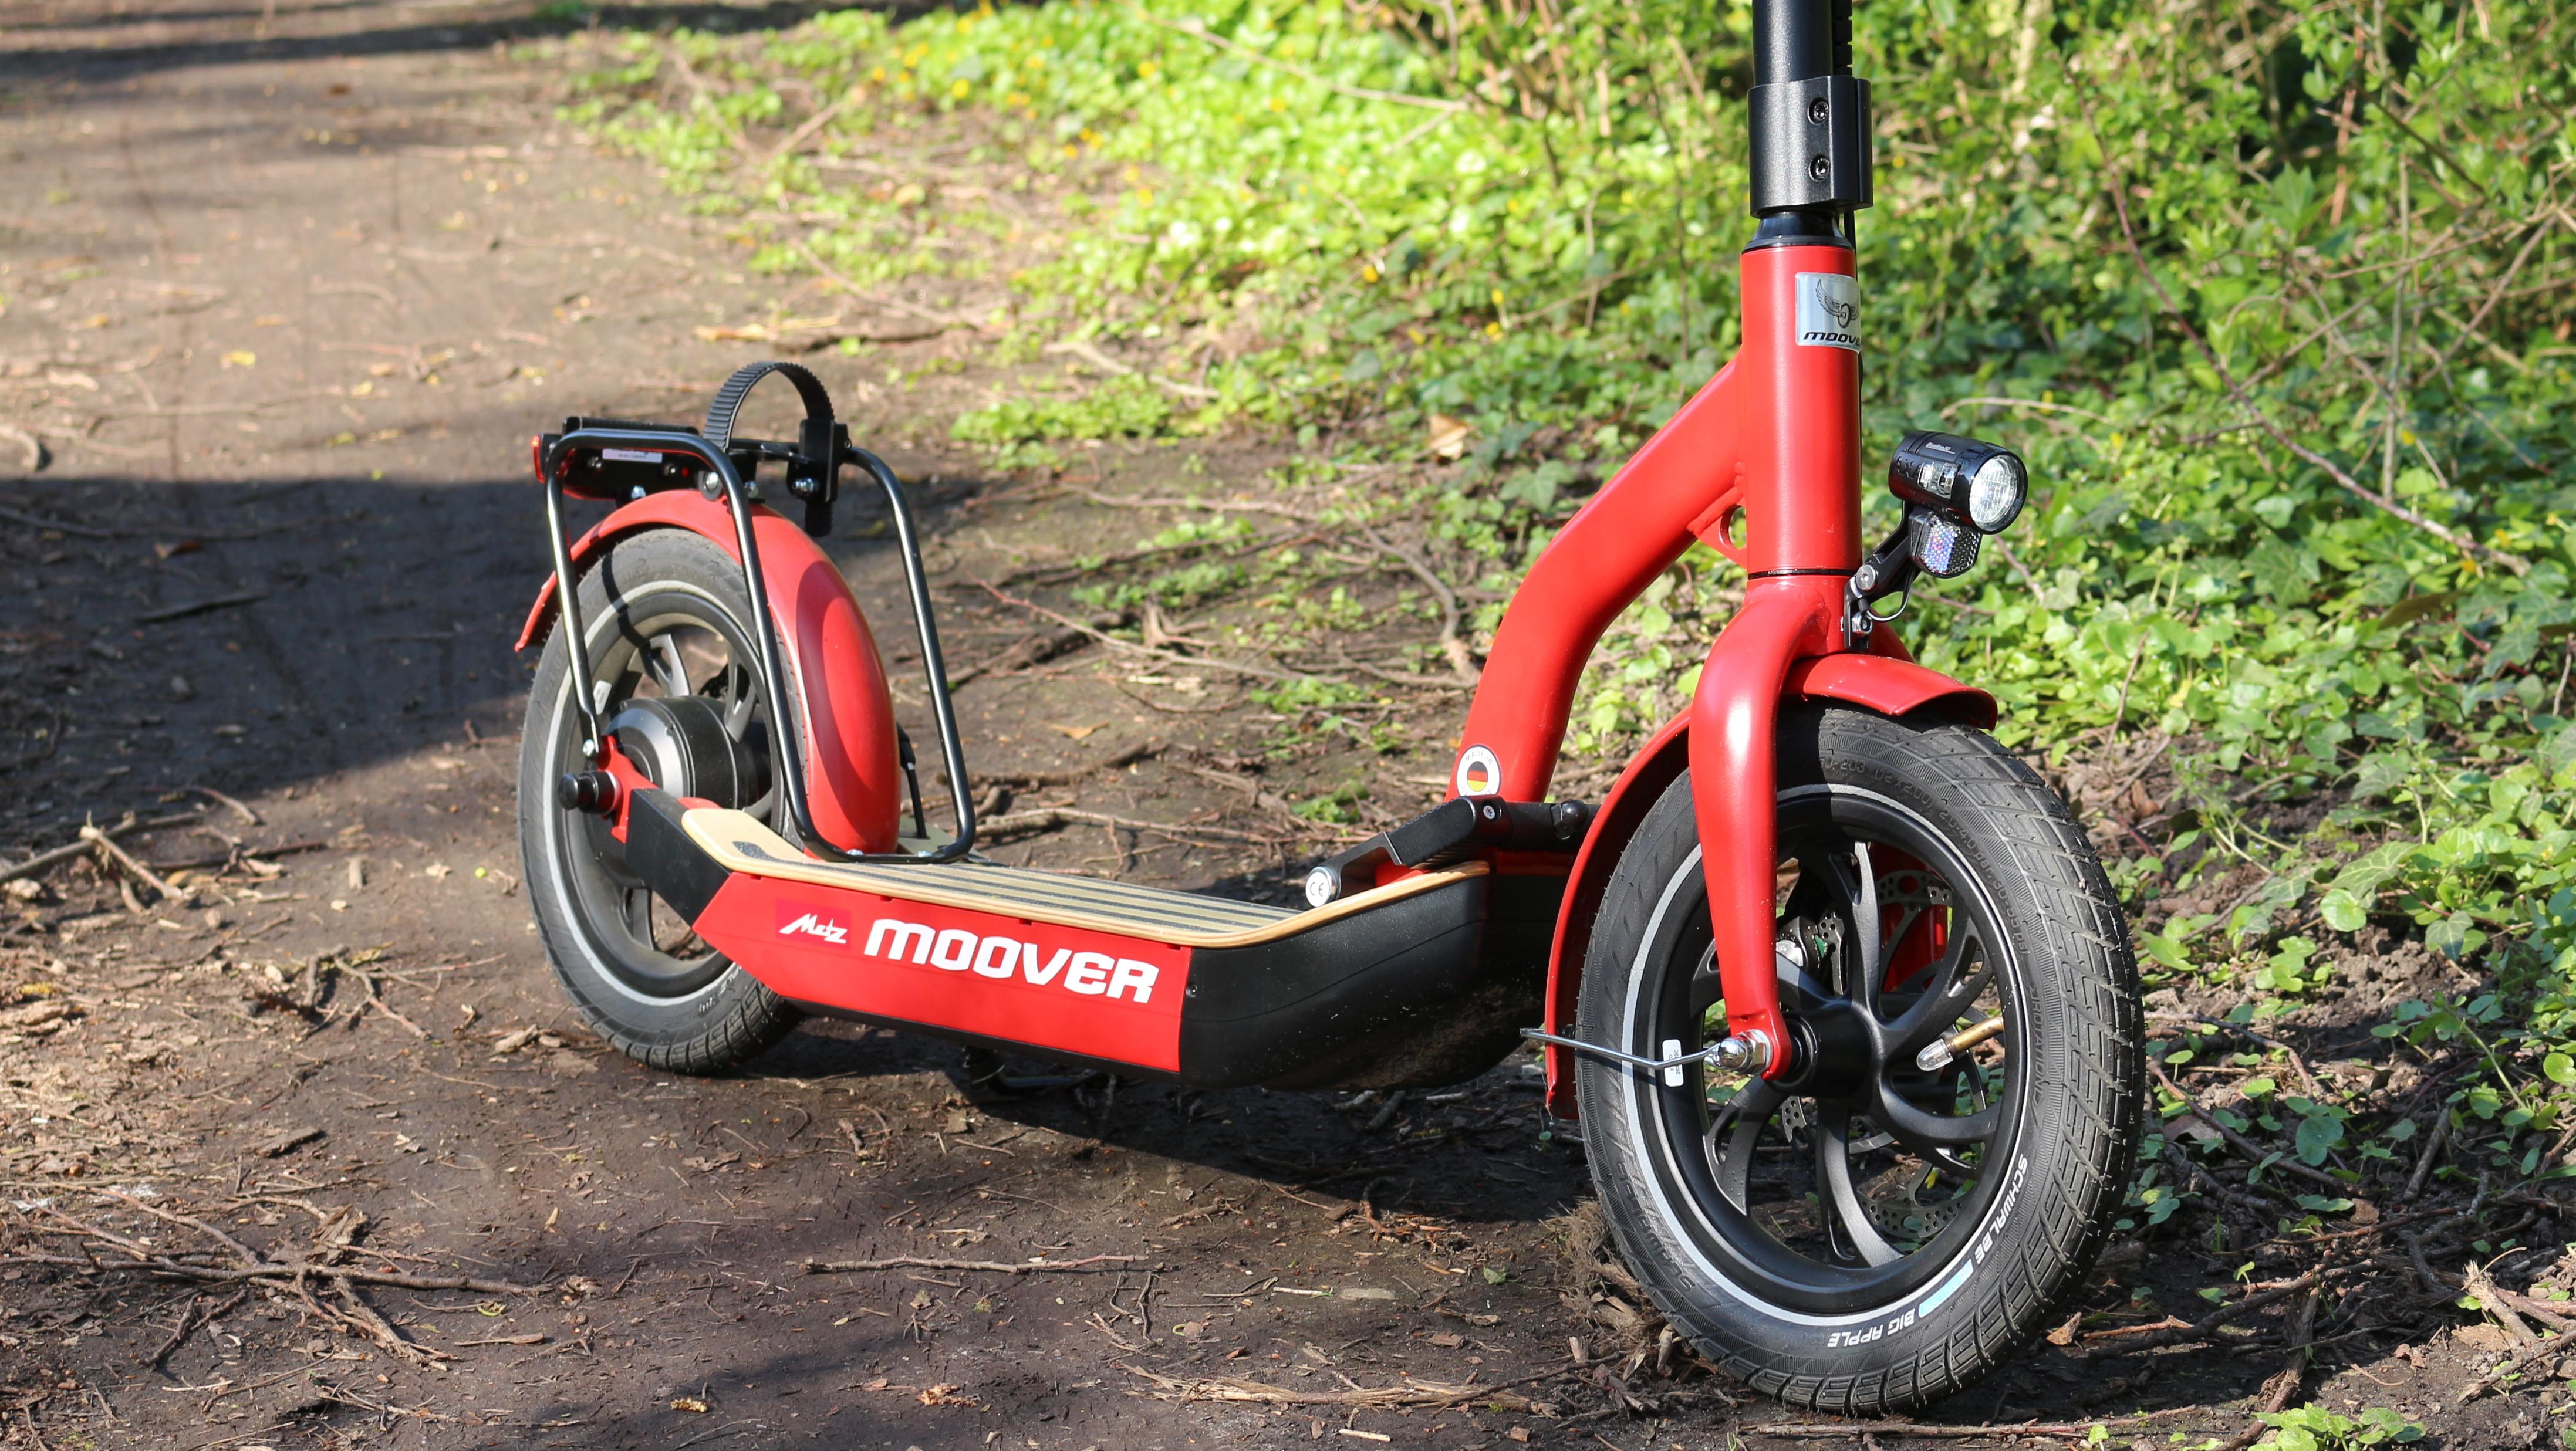 Metz Moover Im Test Der Erste Legale E Scooter In Deutschland